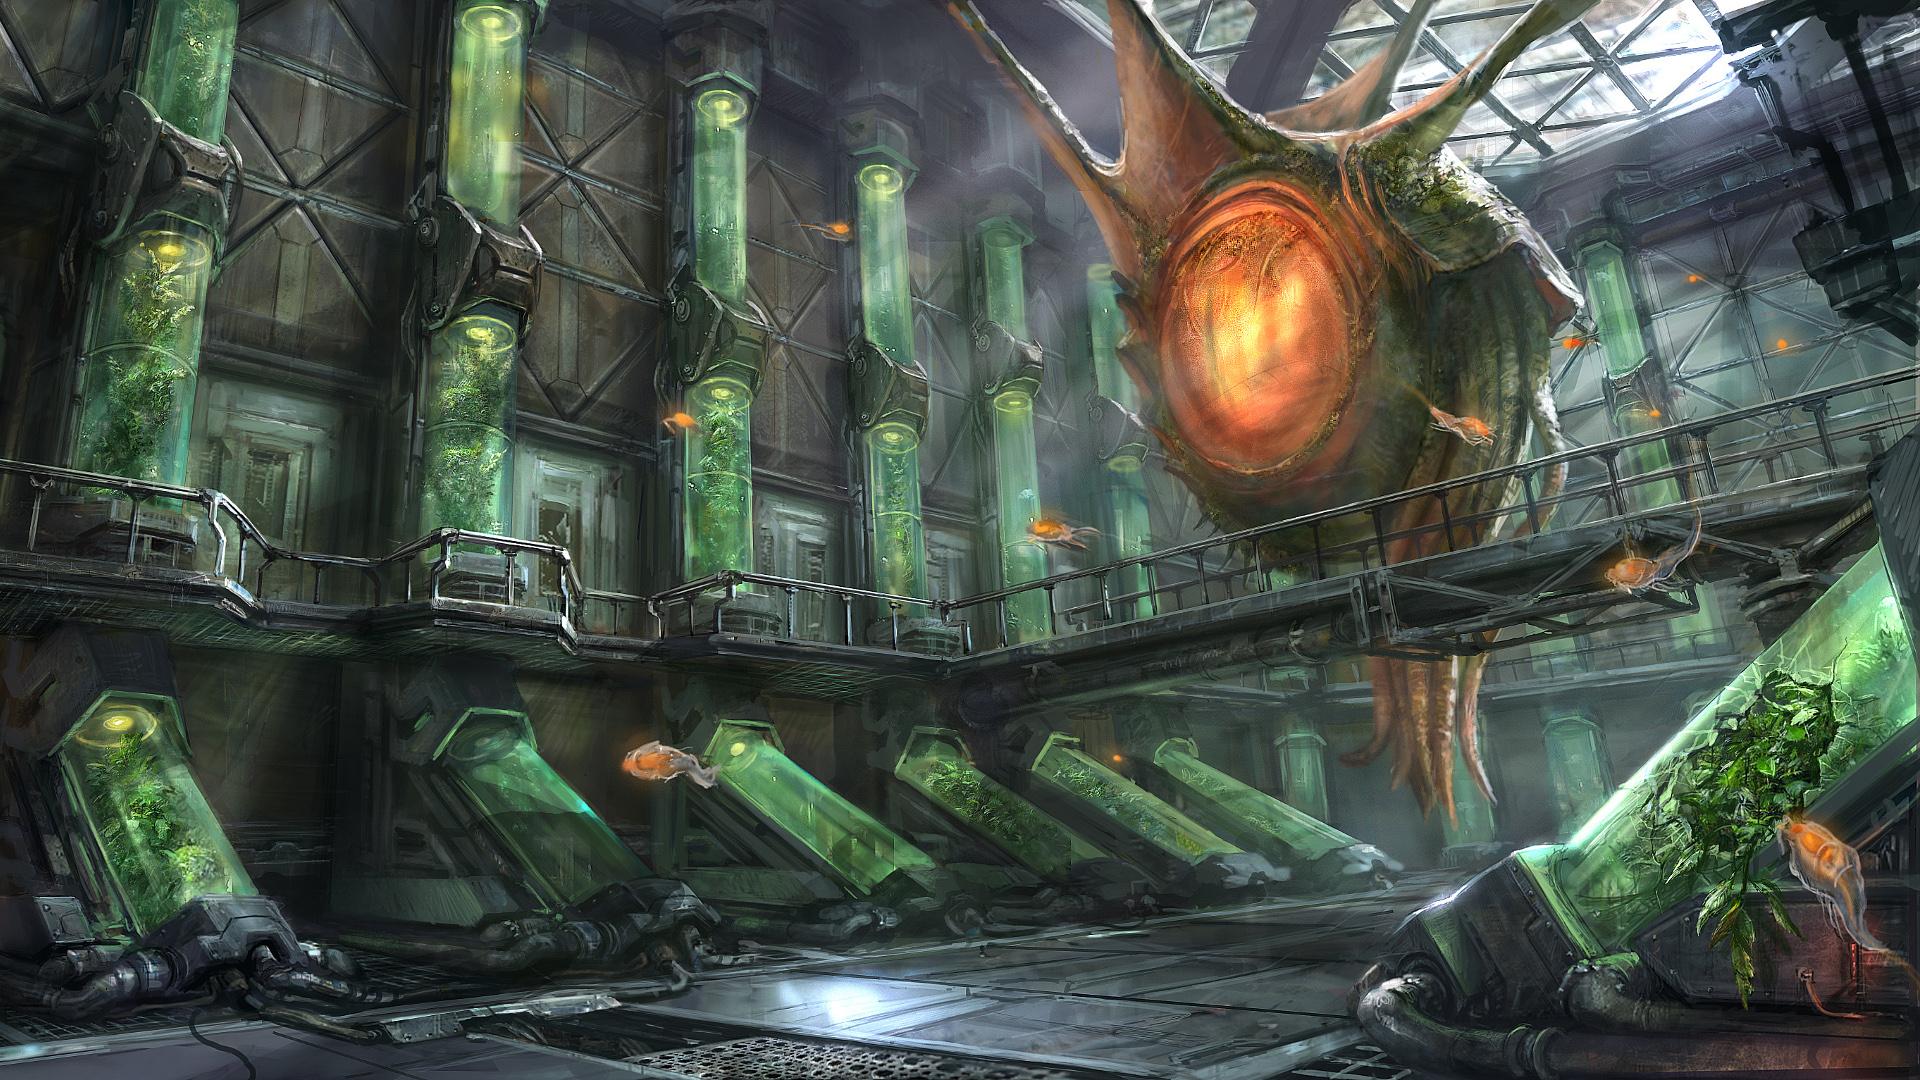 Sci Fi Alien 1920x1080